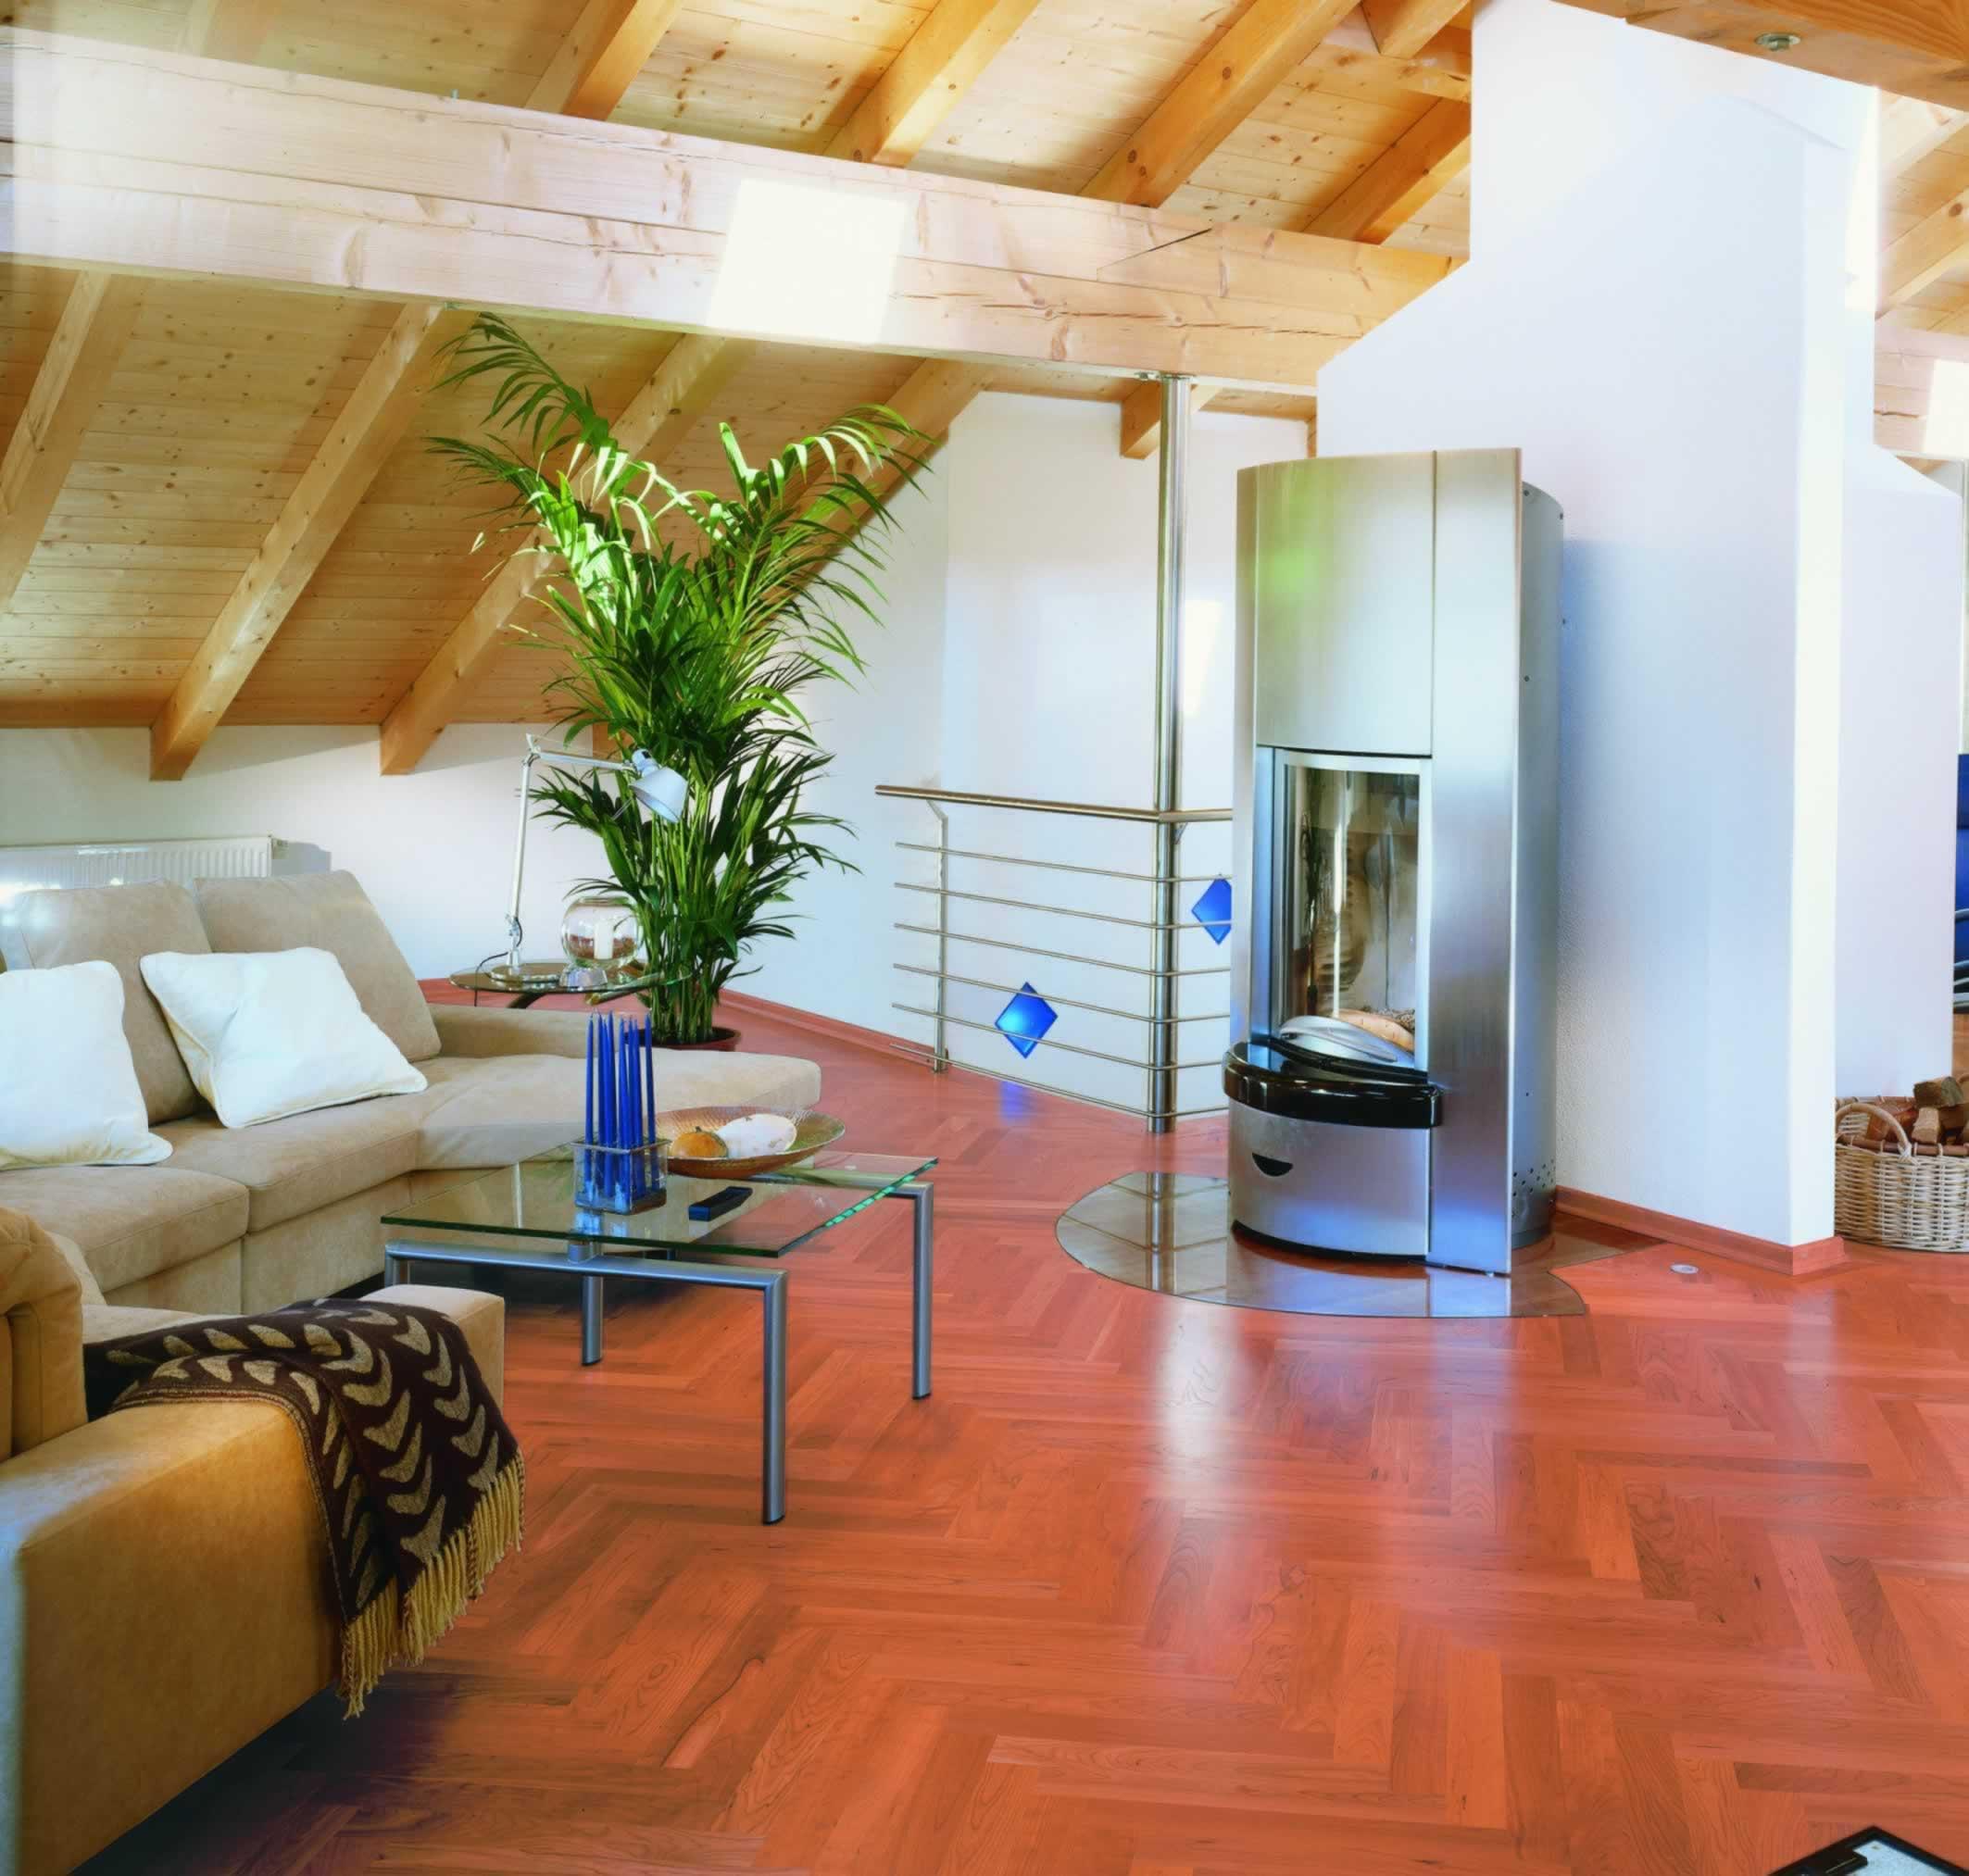 Achat maison lyon vente de maisons et villas dans la for Achat appartement loft lyon